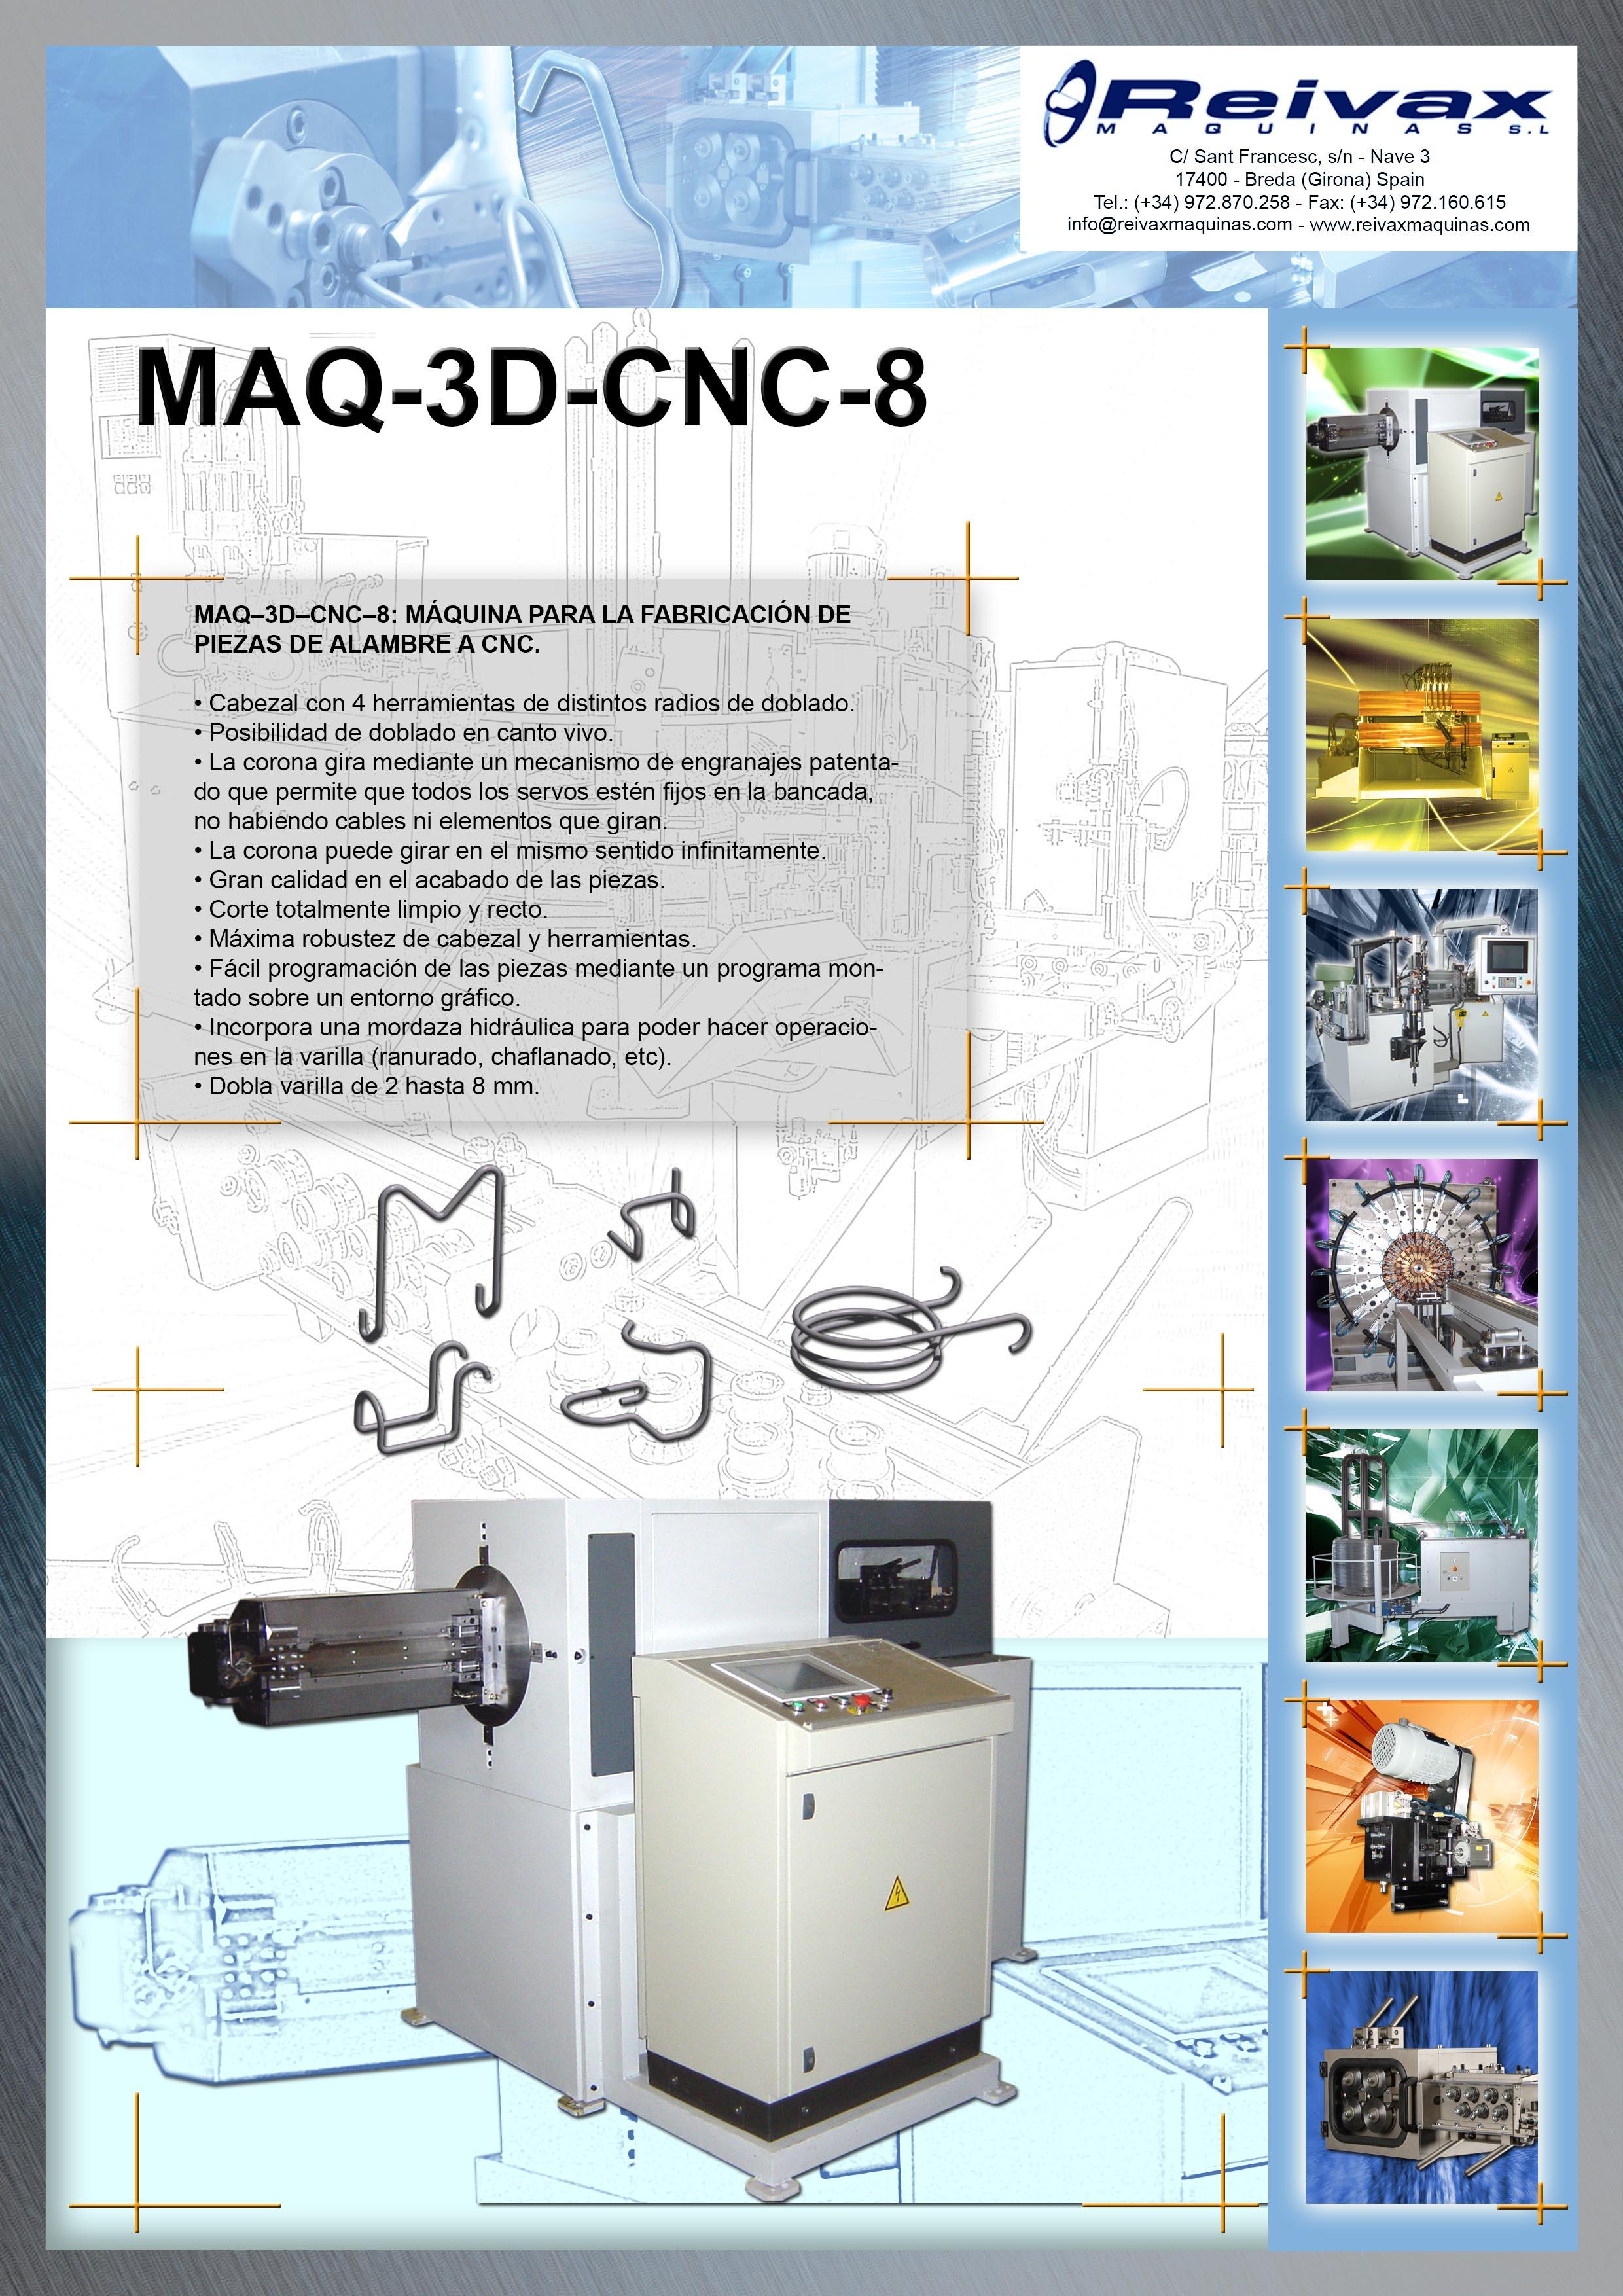 ReivaxMaquinas: Ficha Tecnica MAQ-3D-CNC-8